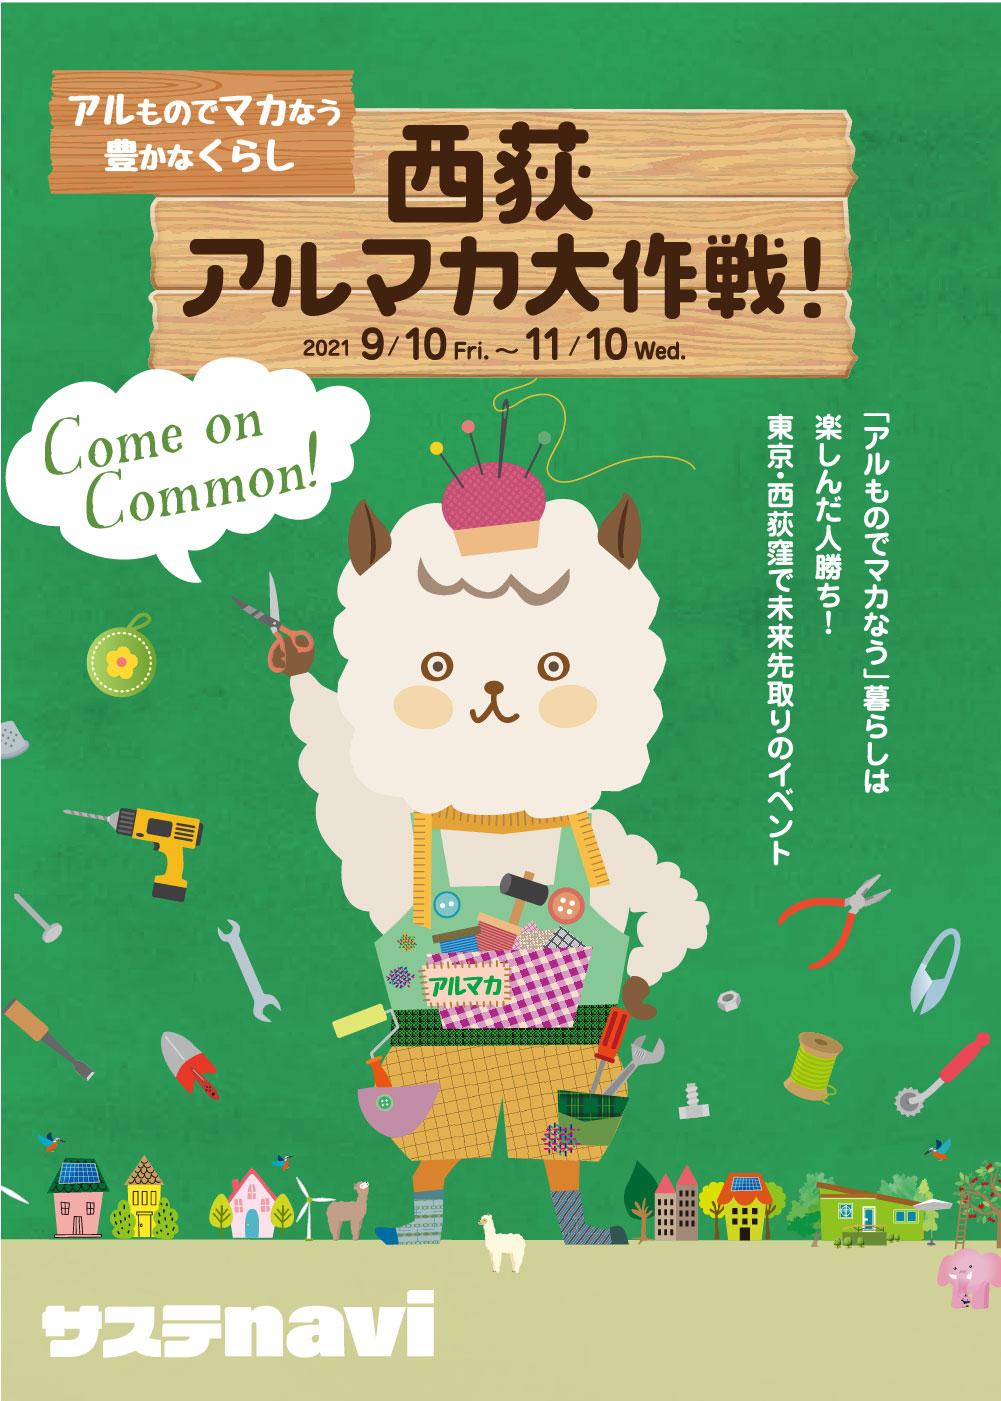 「アルものでマカなう」暮らしは楽しんだ人勝ち!東京・西荻窪で未来先取りのイベント「『西荻アルマカ大作戦!』開催」